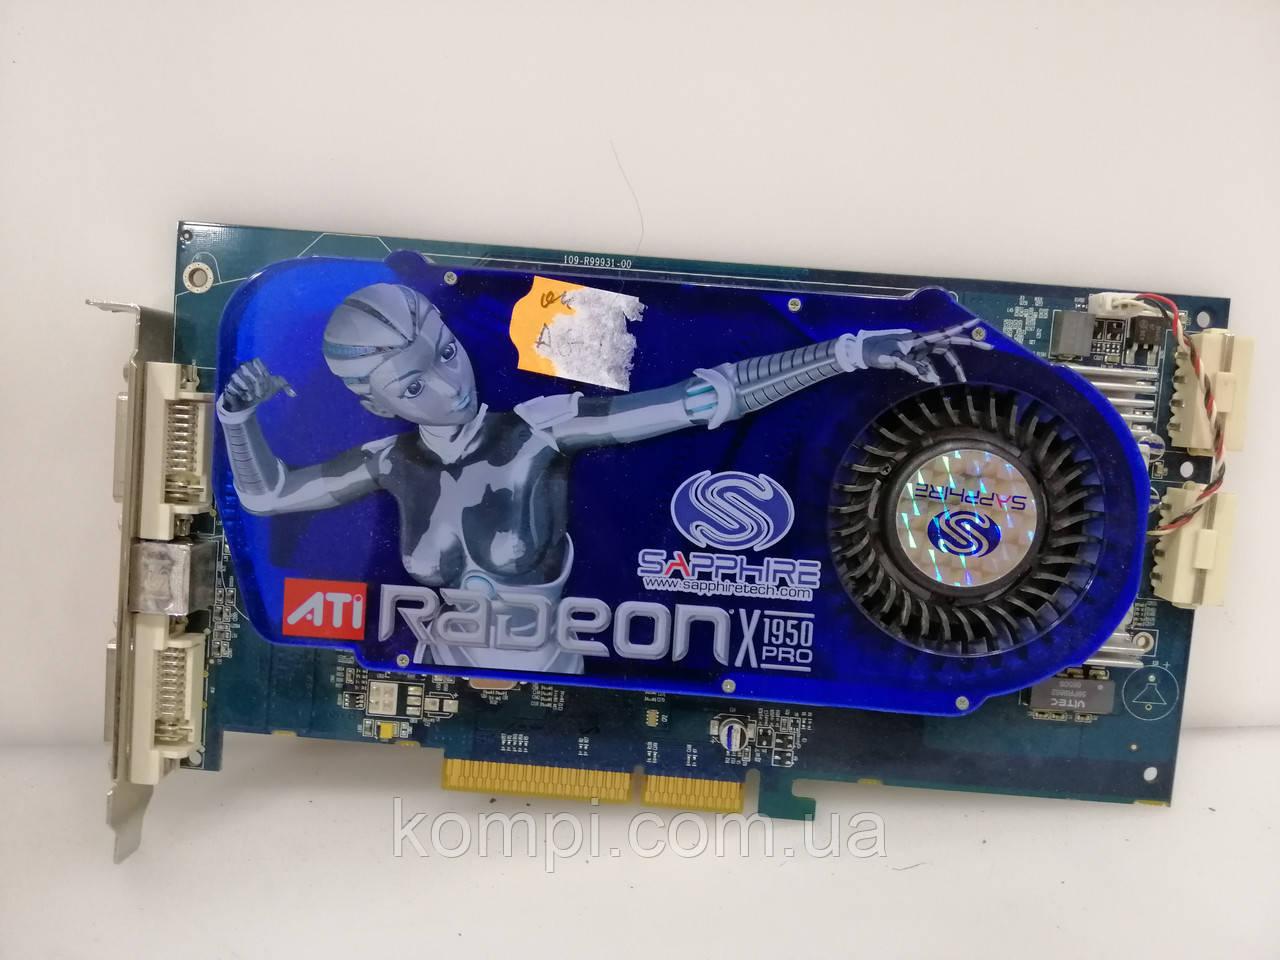 Видеокарта ATI RADEON X1950 PRO 512MB AGP